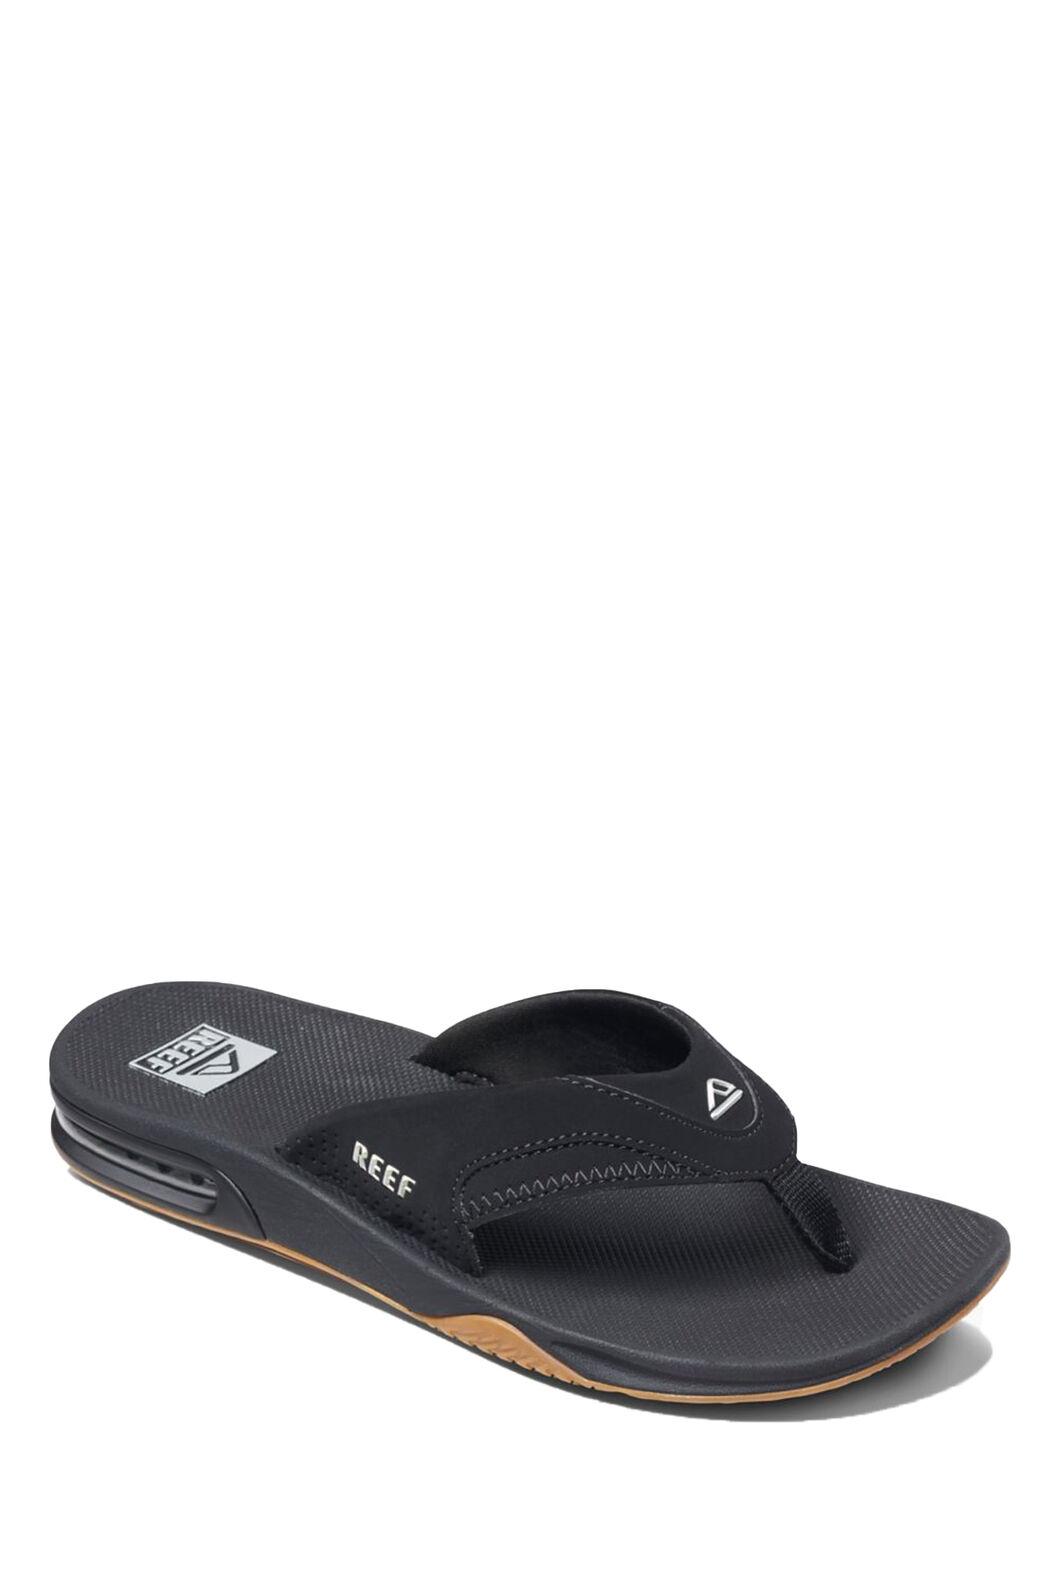 Reef Fanning Sandals — Men's, Black Silver, hi-res